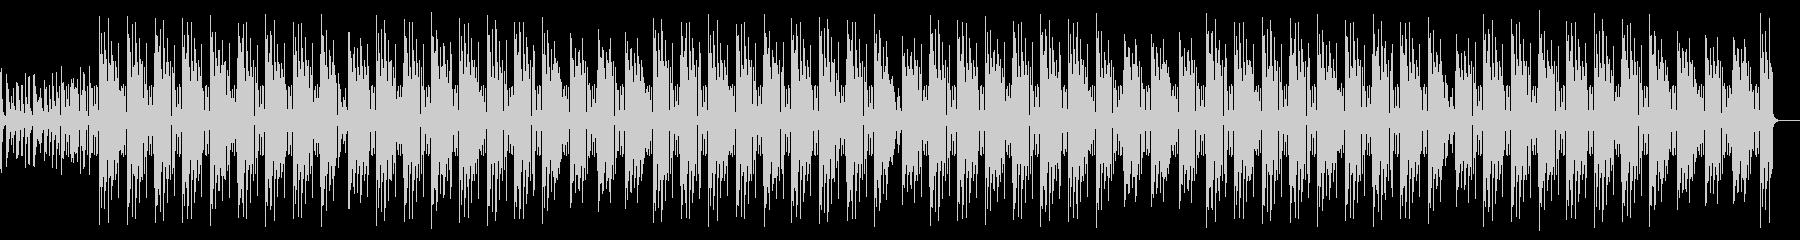 スタイリッシュ洋楽ヒップホップ・Vlogの未再生の波形